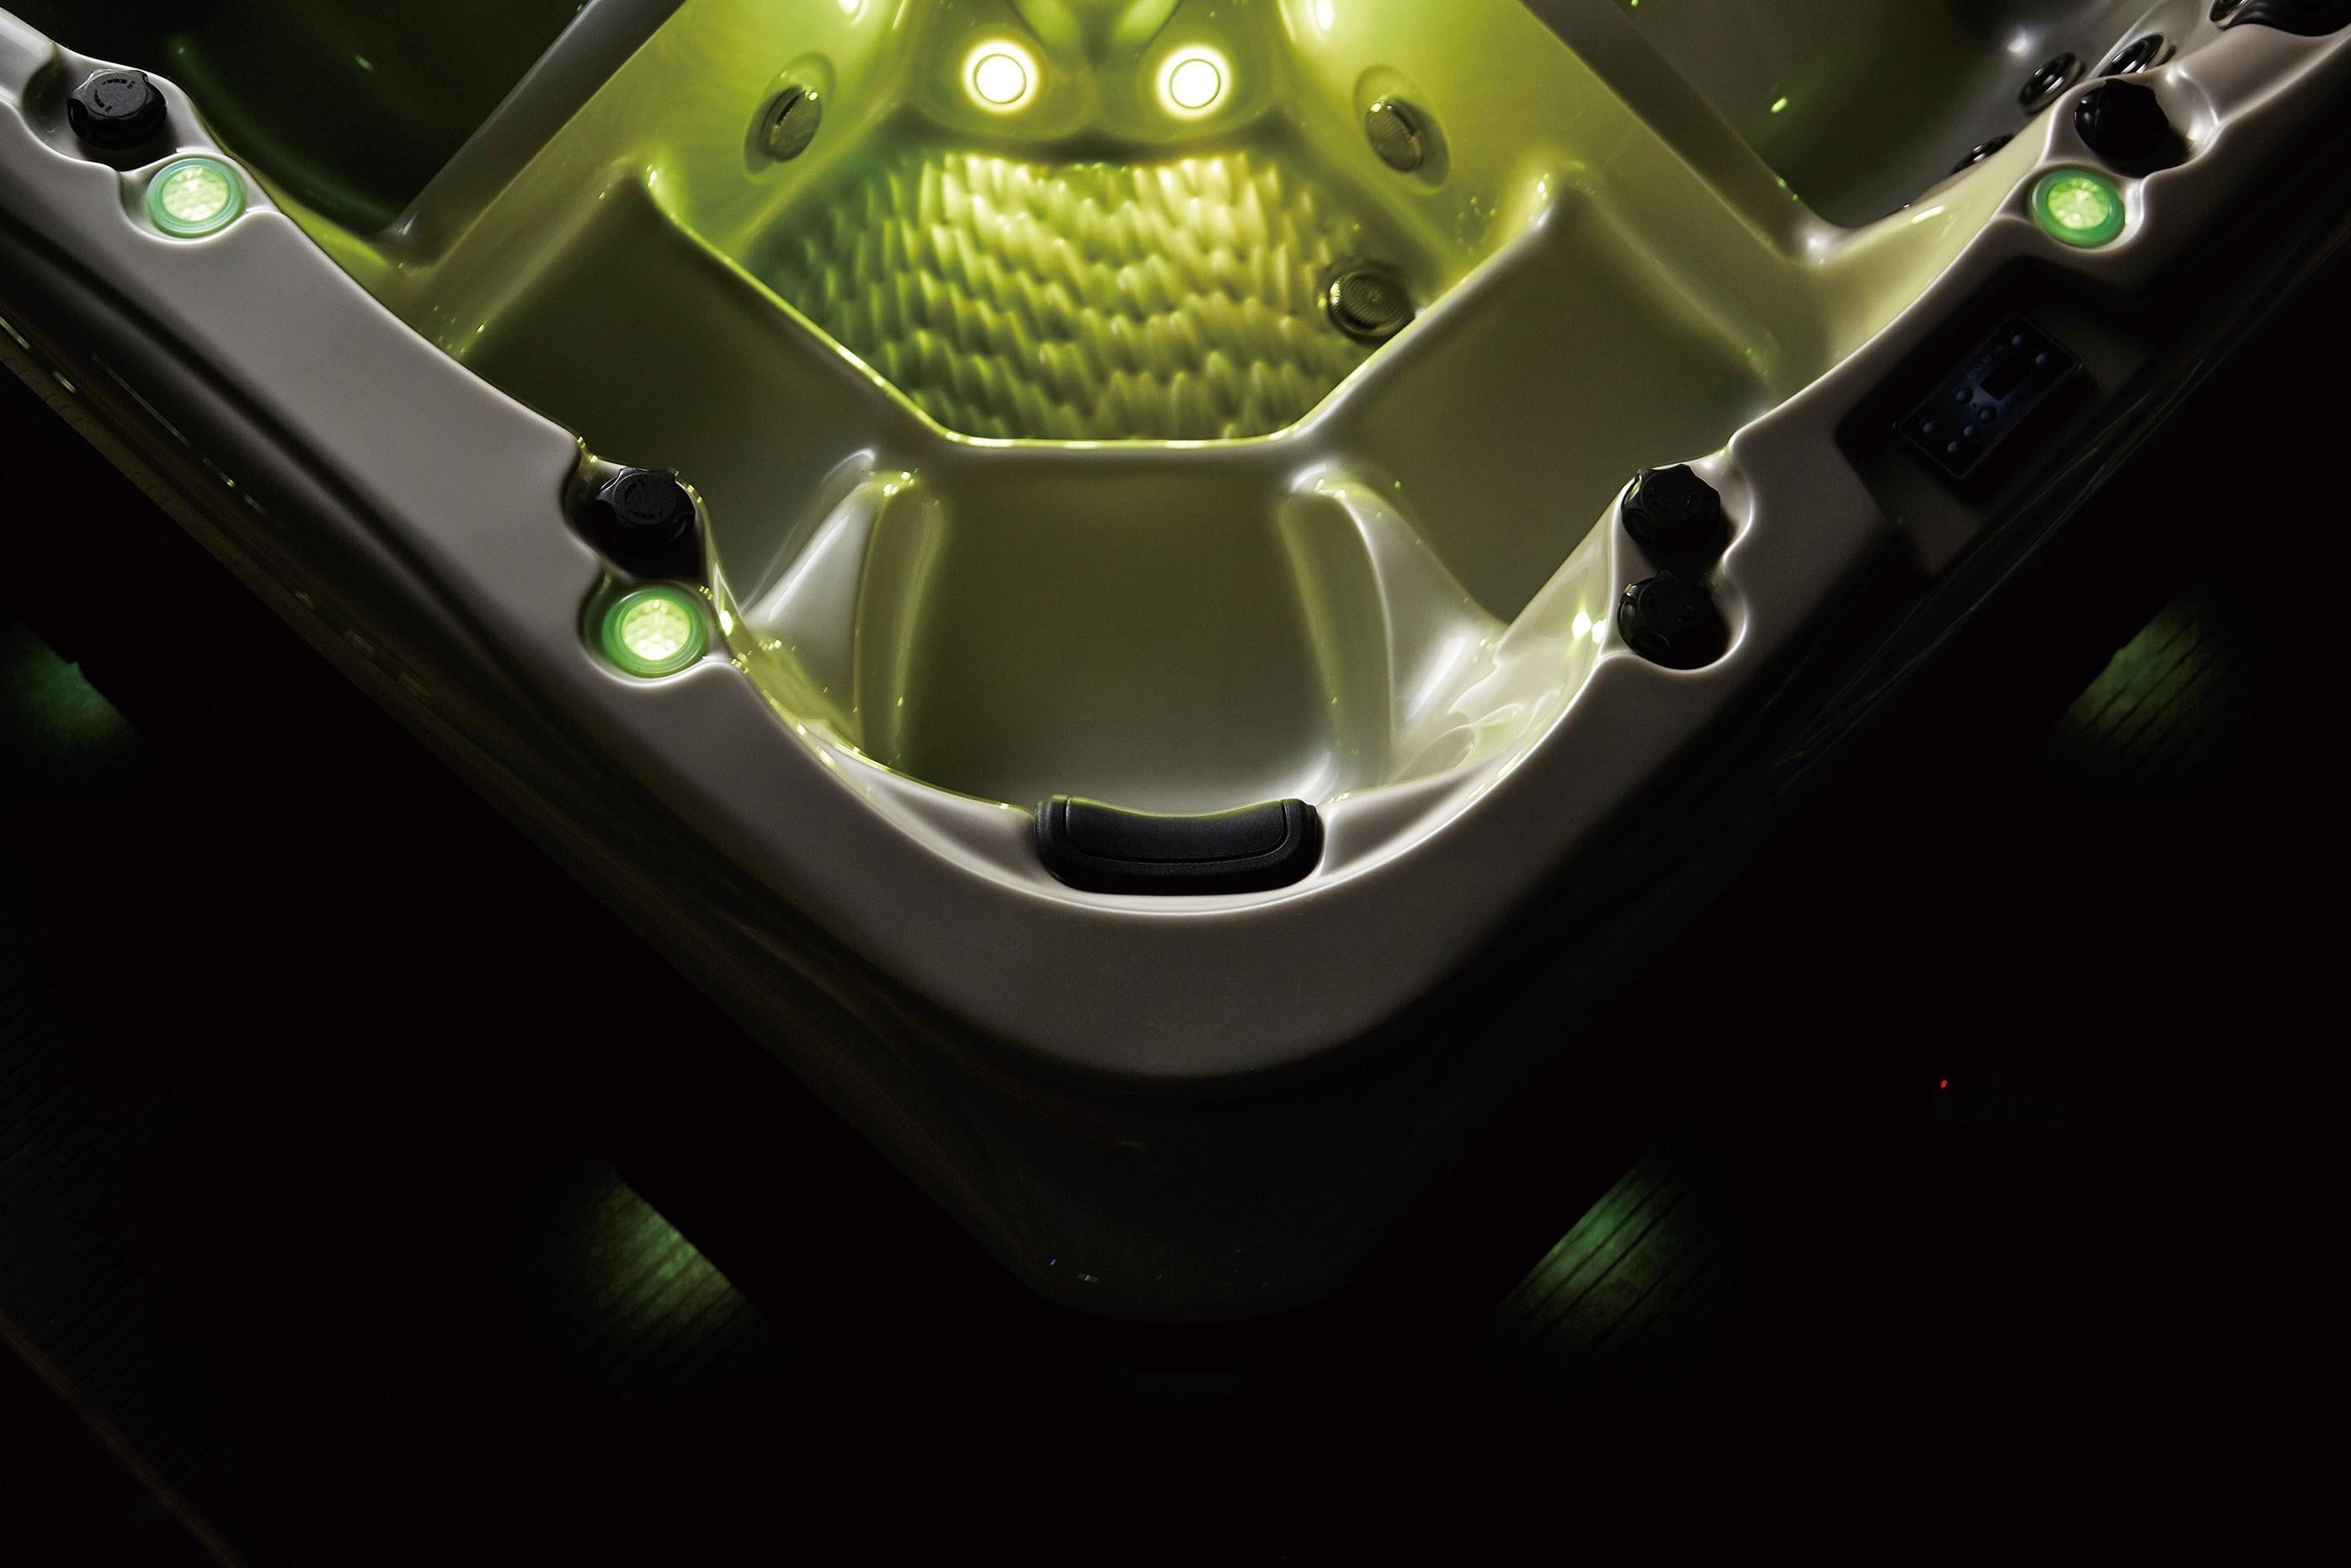 Melhor venda hydor jakuzzy função whirlpool quente spa com sistema balboa BG-8895-3